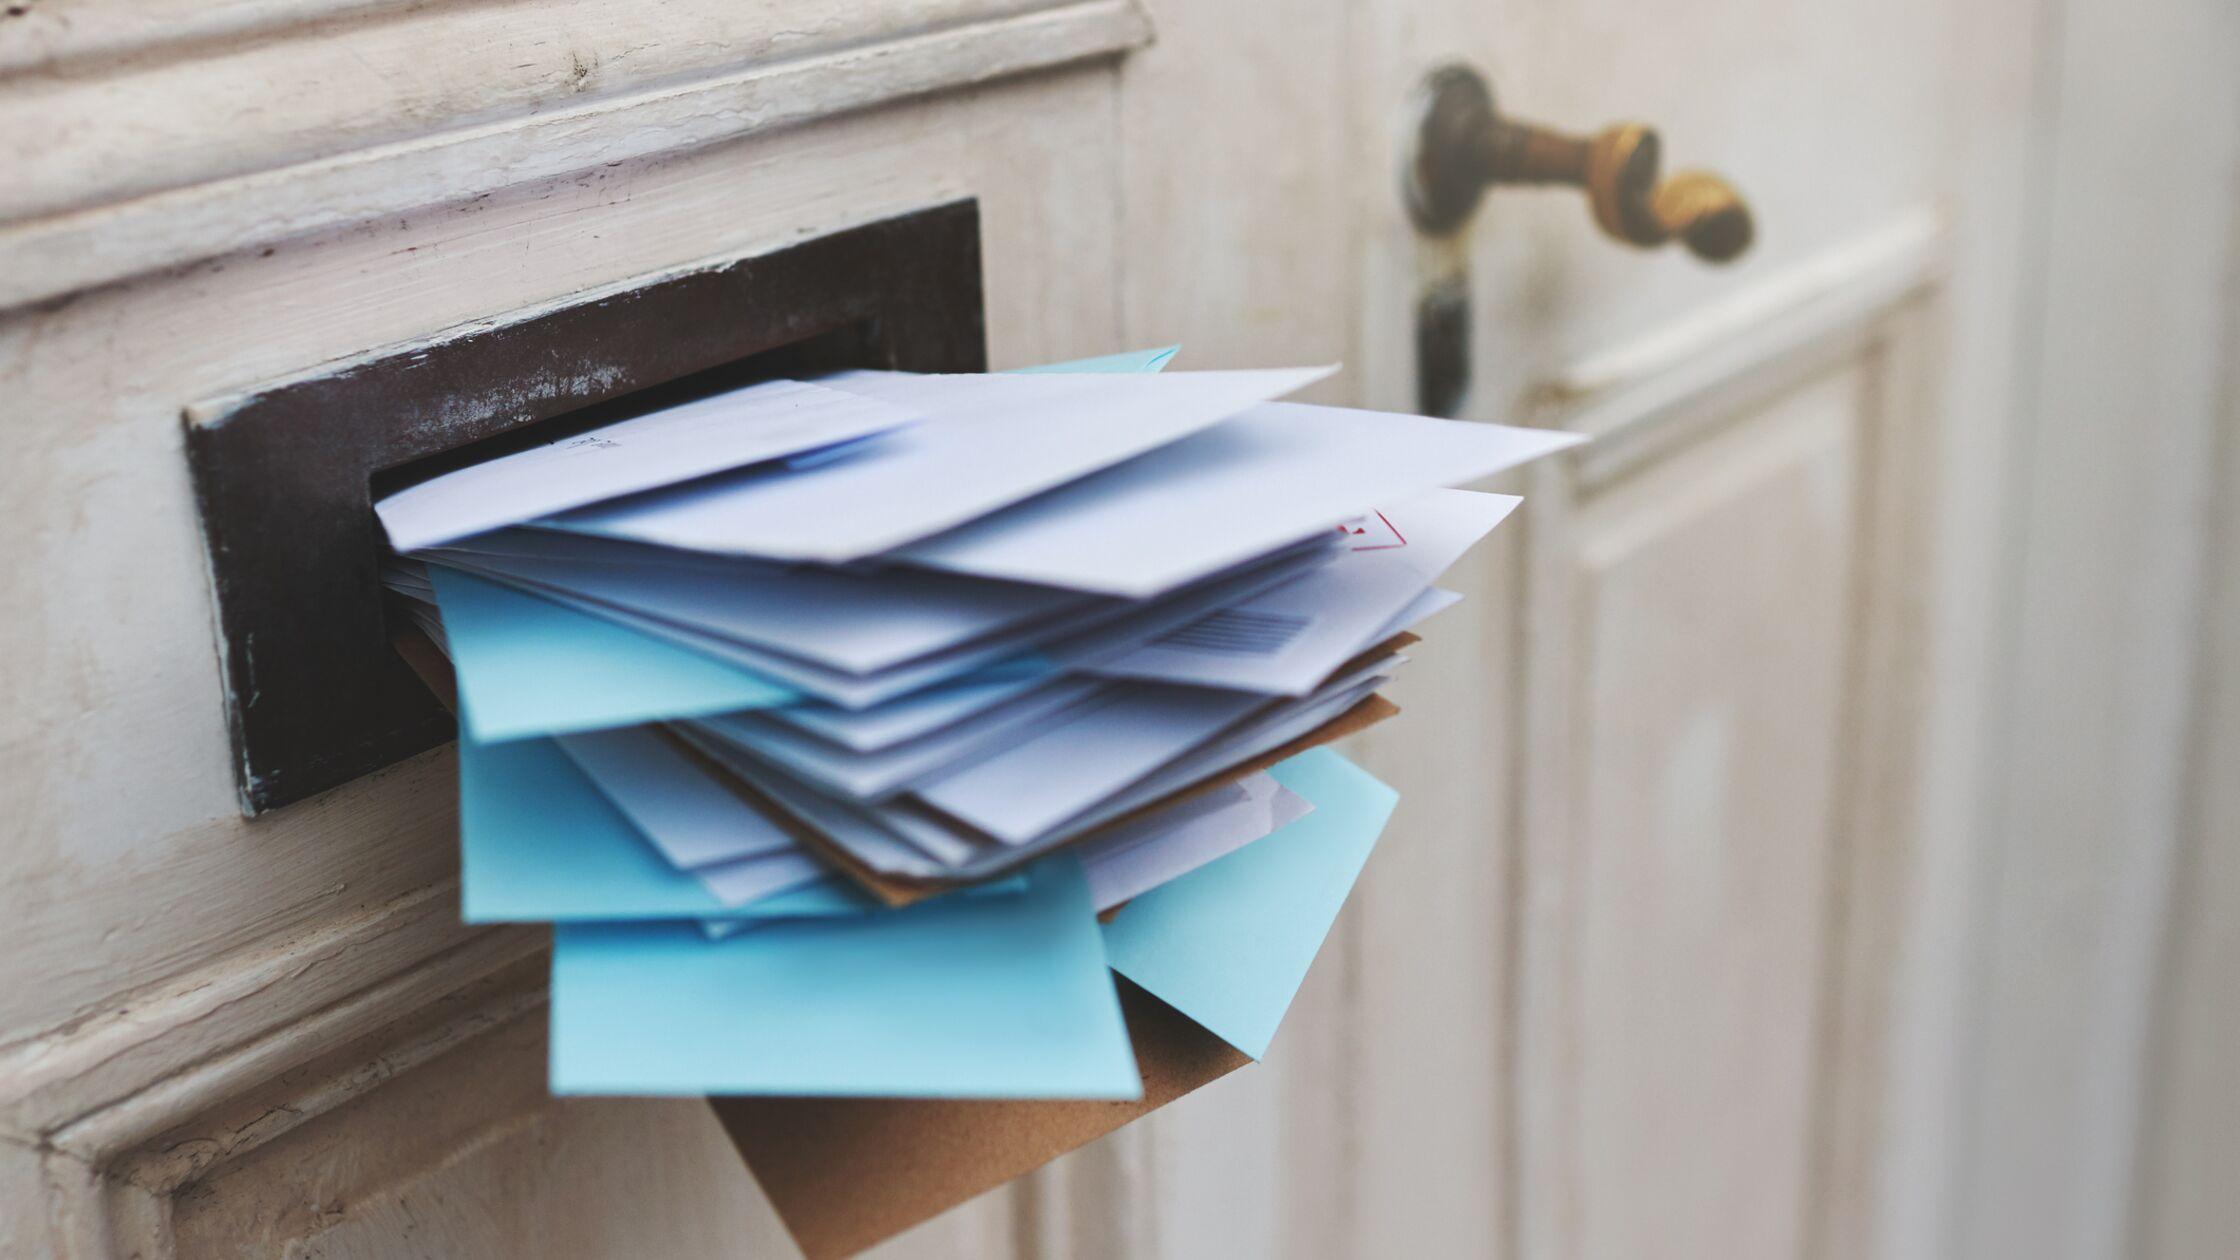 Briefschlitz in einer Wohnungstür, vollgestopft mit Briefen